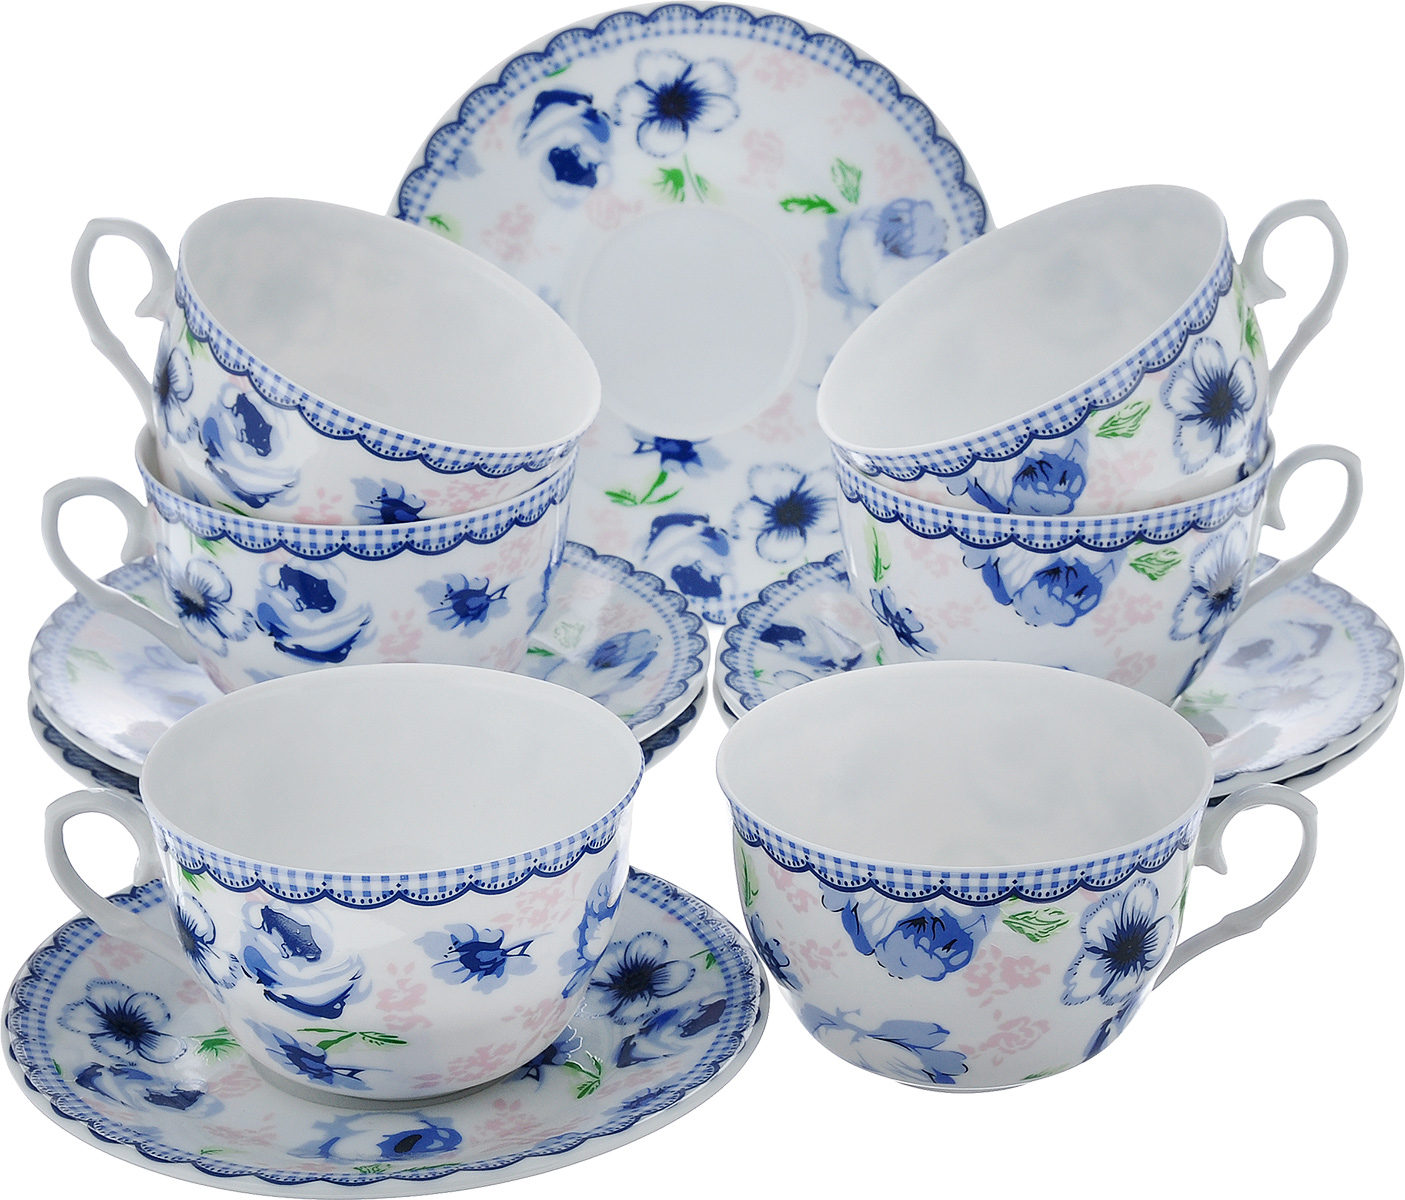 Чайный набор LarangE Кантри, цвет: белый, синий, 12 предметовVT-1520(SR)Чайный набор LarangE Кантри состоит из шести чашек и шести блюдец,изготовленных из фарфора. Предметы набора оформленыизящным ярким рисунком.Чайный набор LarangE Кантри украсит ваш кухонный стол, а такжестанет замечательным подарком друзьям и близким.Объем чашки: 250 мл.Диаметр чашки по верхнему краю: 9 см.Высота чашки: 6 см.Диаметр блюдца: 14,5 см.